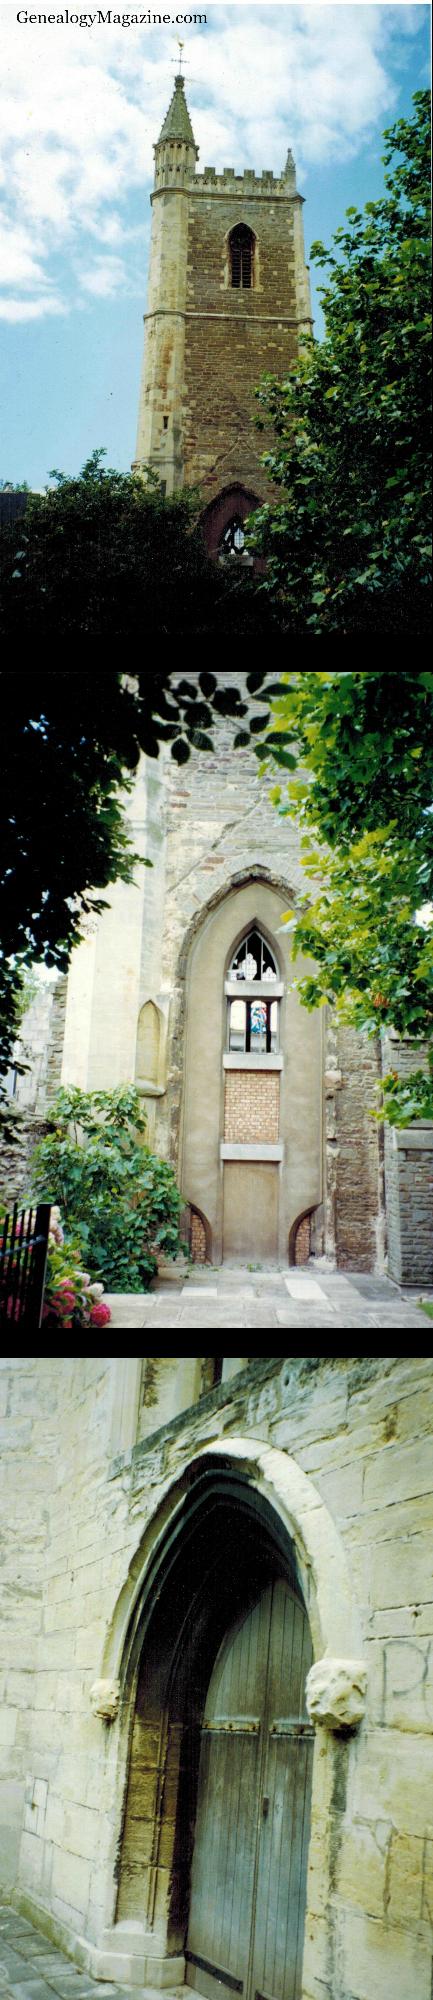 St Mary Le Port Church photos